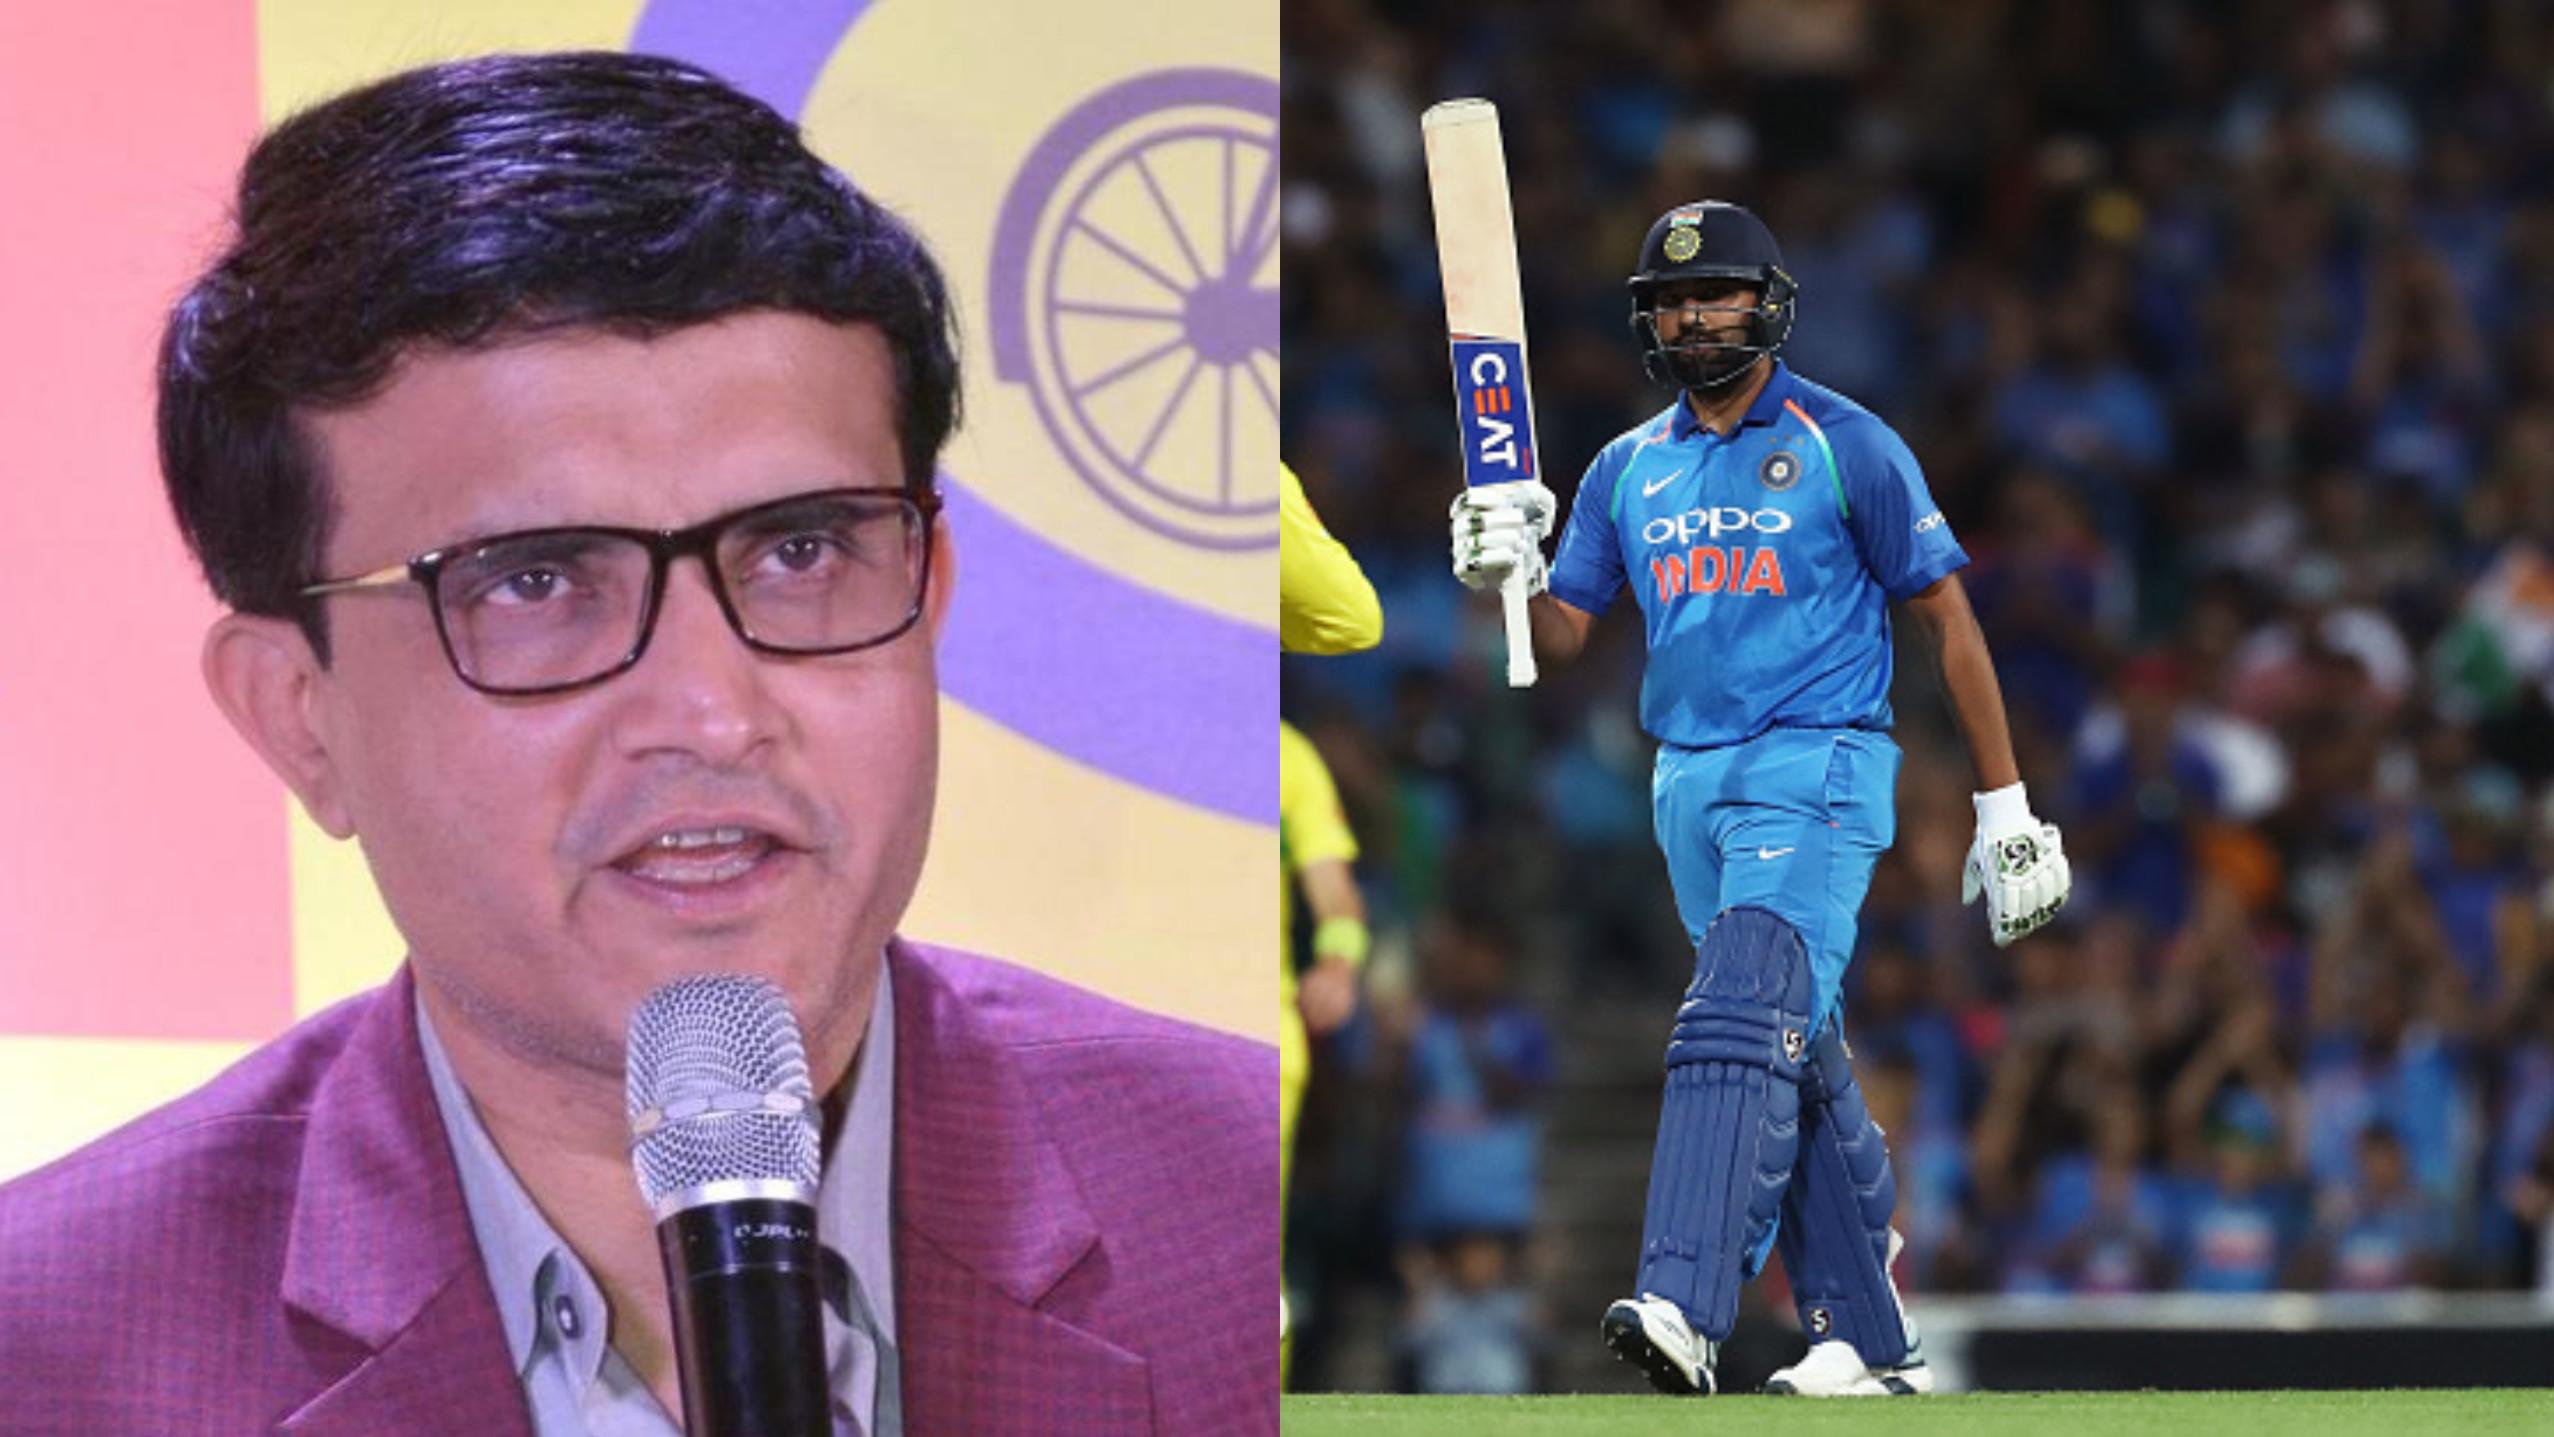 सौरव गांगुली ने कहा हैं कि रोहित शर्मा पिछले 3 साल में शानदार क्रिकेटर बन गए हैं